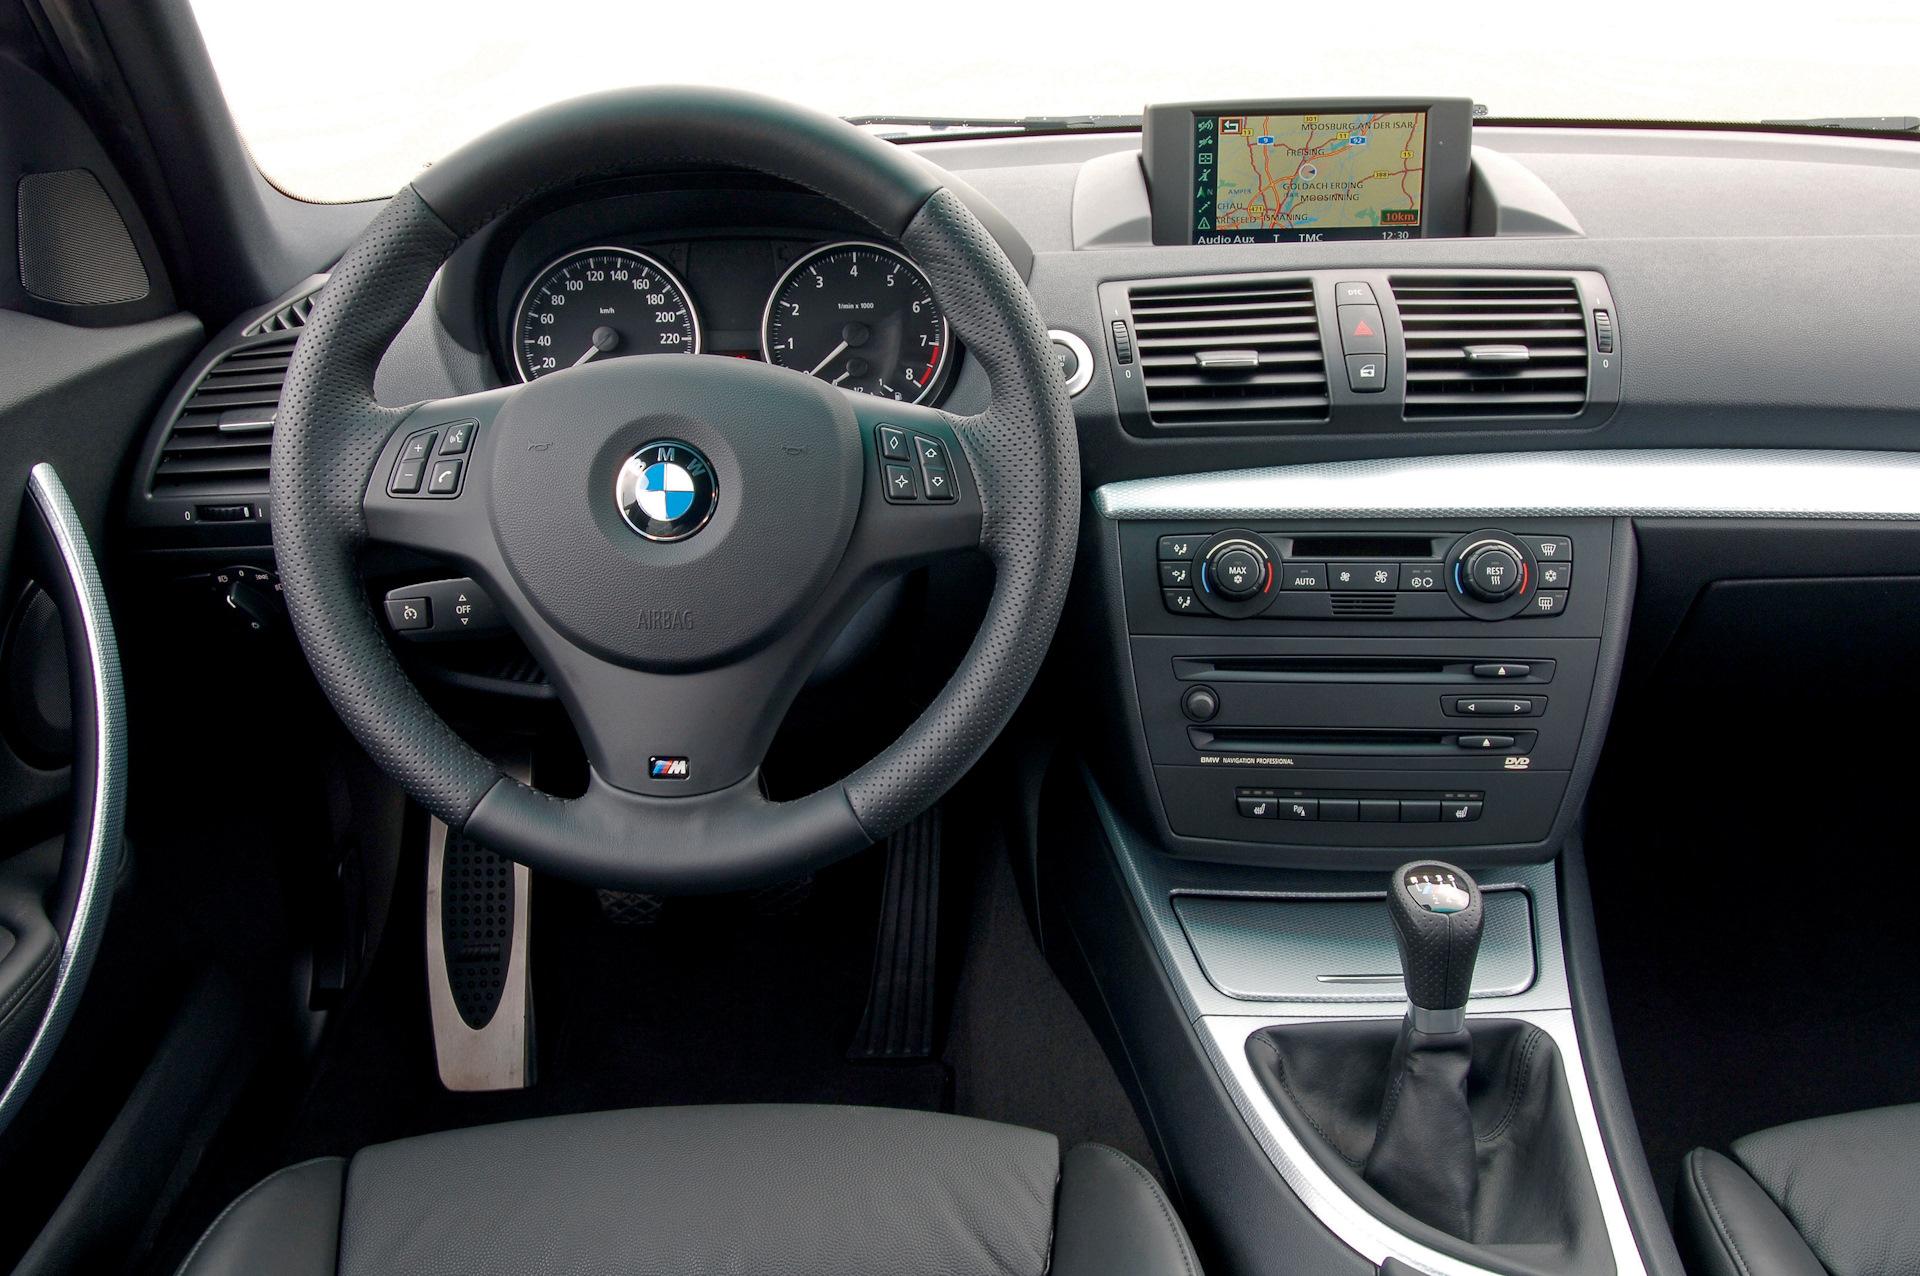 Прокачка гидроусилителя руля на BMW 1-Series Е87